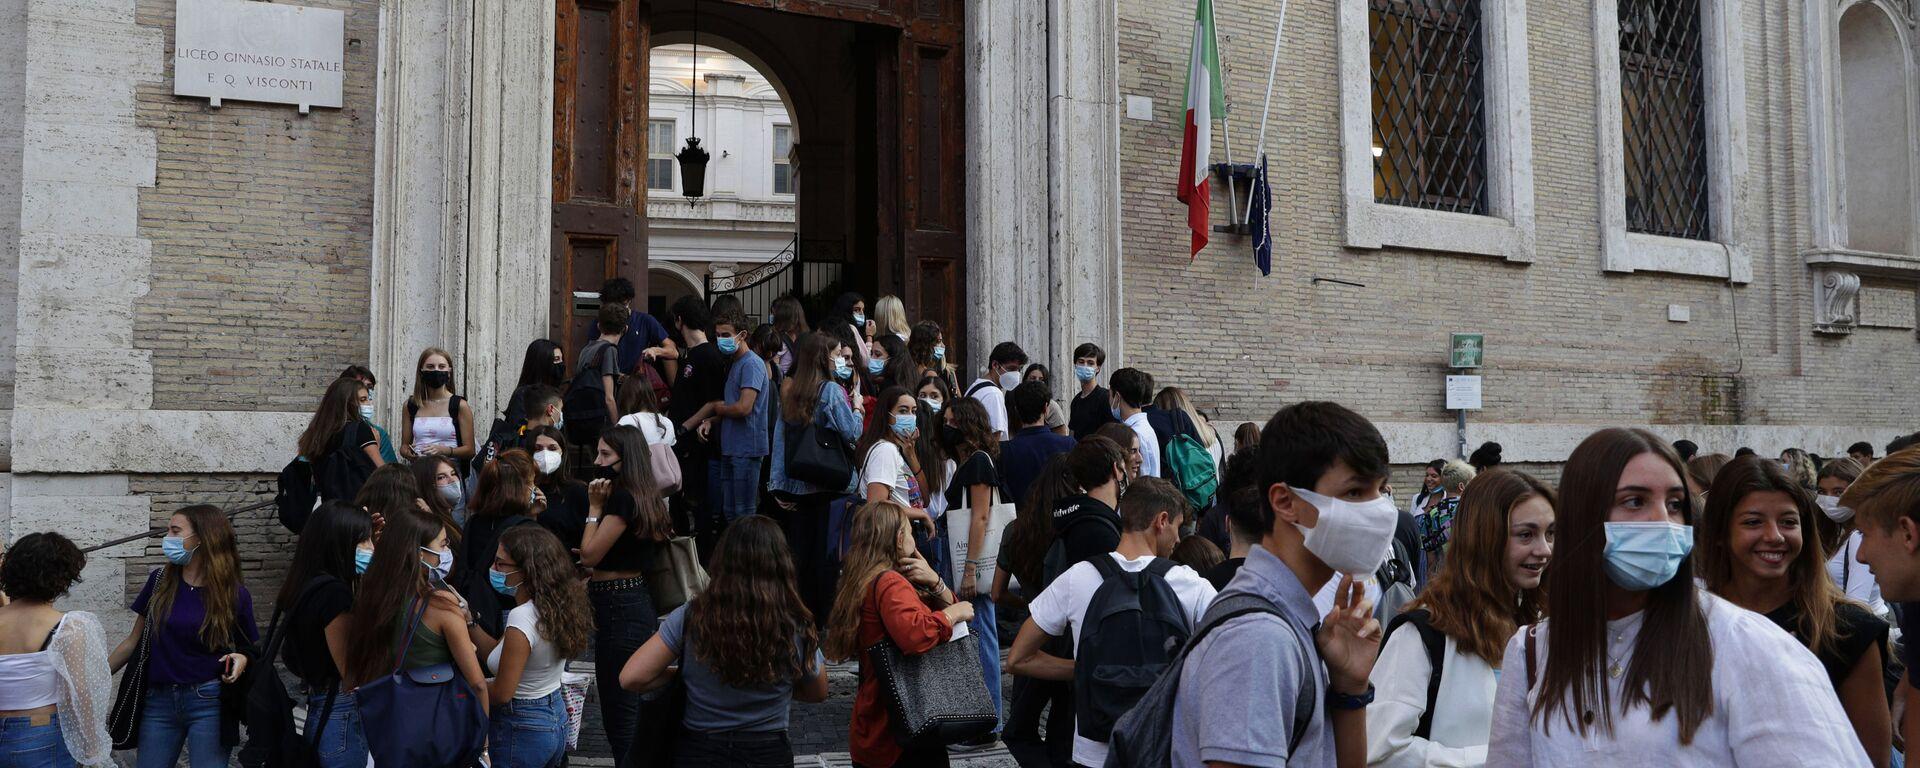 Alunni all'ingresso di una scuola, Roma - Sputnik Italia, 1920, 28.02.2021